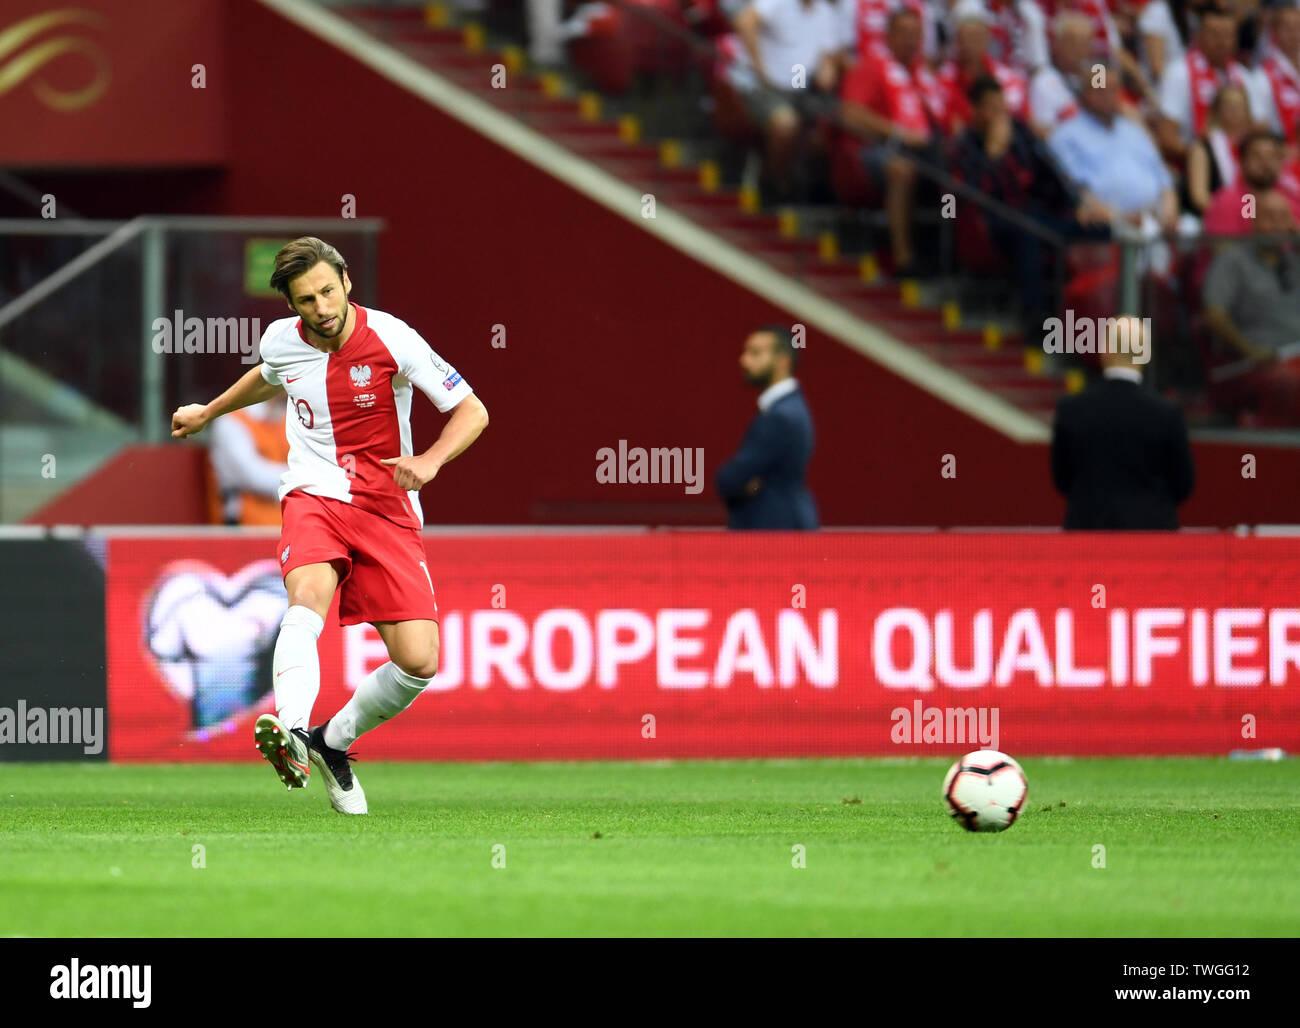 Warsaw, Poland, June 10, 2019: EURO 2020 qualifing round, group stage, Poland wins 4:0 with Izarel on PGE Narodowy. Grzegorz Krychowiak (Poland) - Stock Image